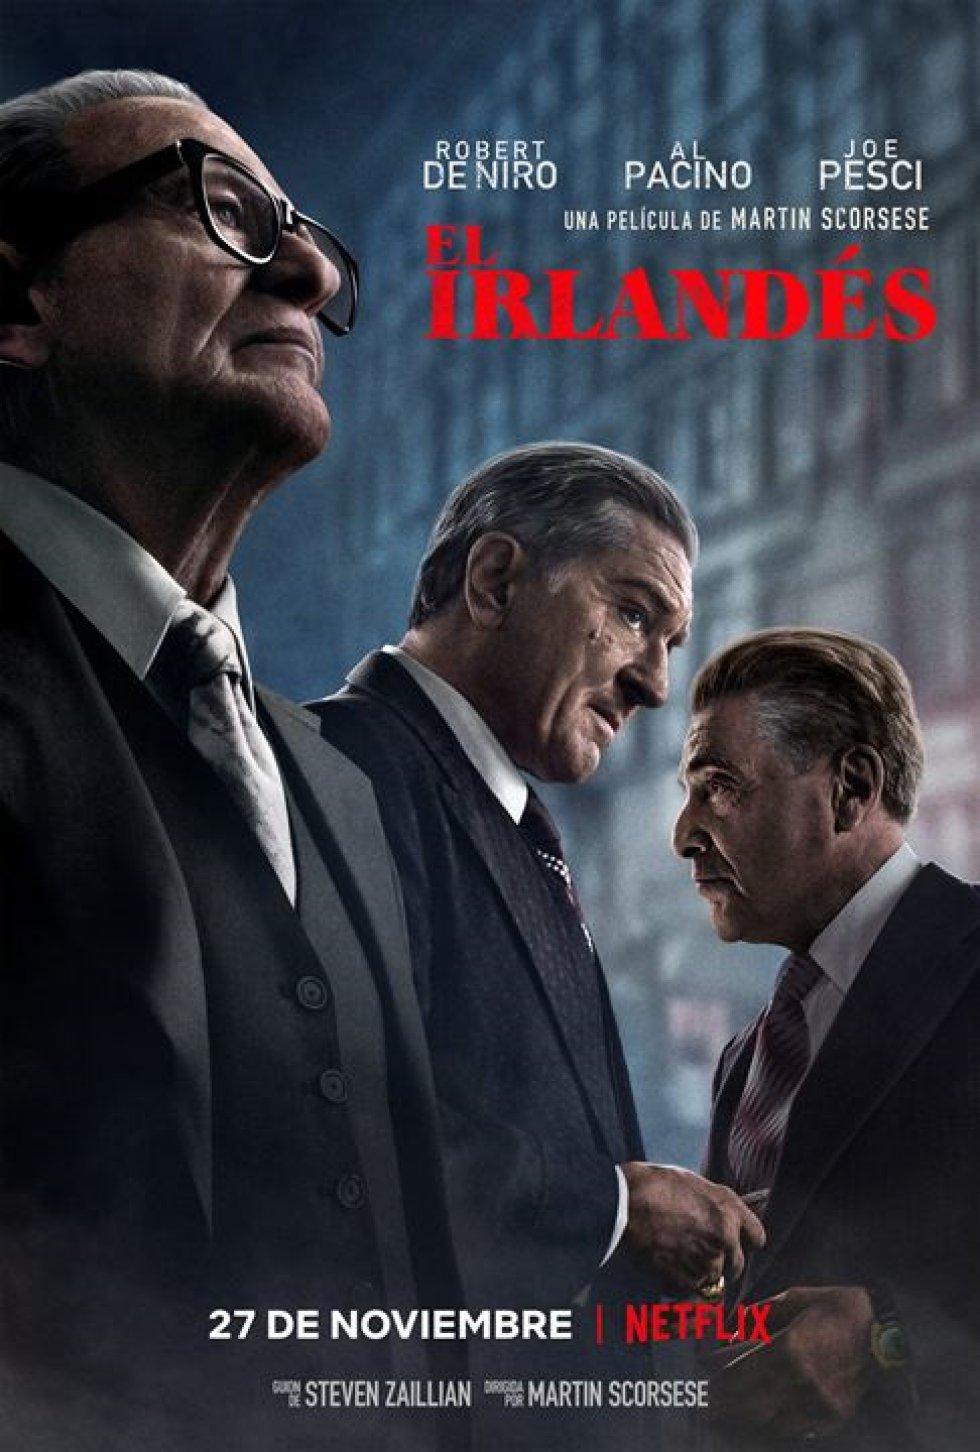 El tenebroso y paradójicamente seductor universo de la Mafia. El irlandés que da nombre a la película es un asesino a sueldo al que se le atribuyen más de 25 asesinatos relacionados con el hampa. Una película basada en un personaje real dirigida por Martin Scorsese (que aspira a llevarse el premio a mejor dirección) y que tiene 10 nominaciones.